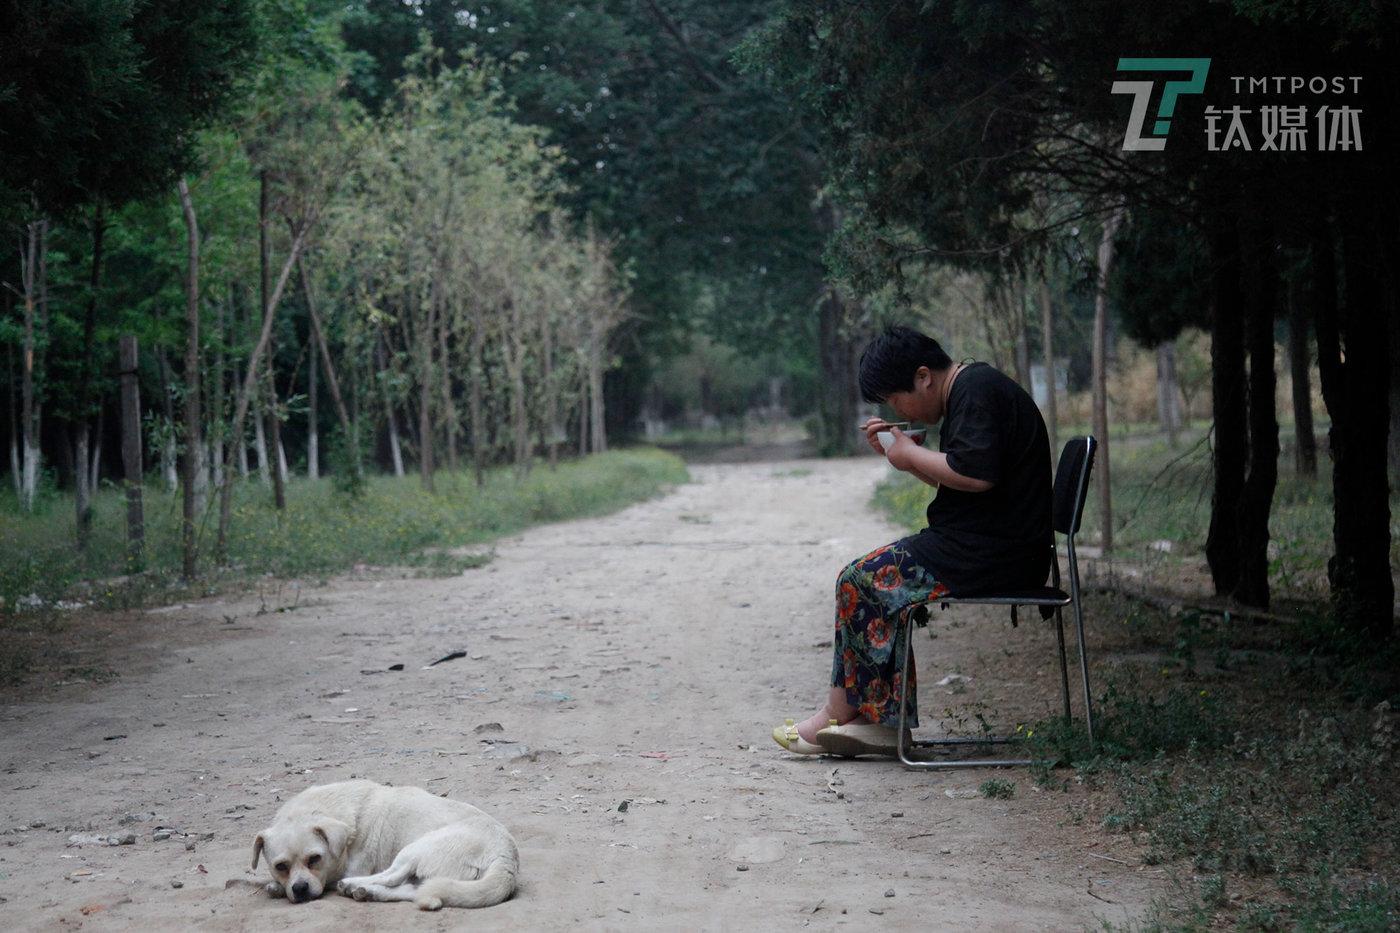 曾祺的妈妈身患疾病,无法工作,除了吃喝能够简单自理,其他都需要人照料。